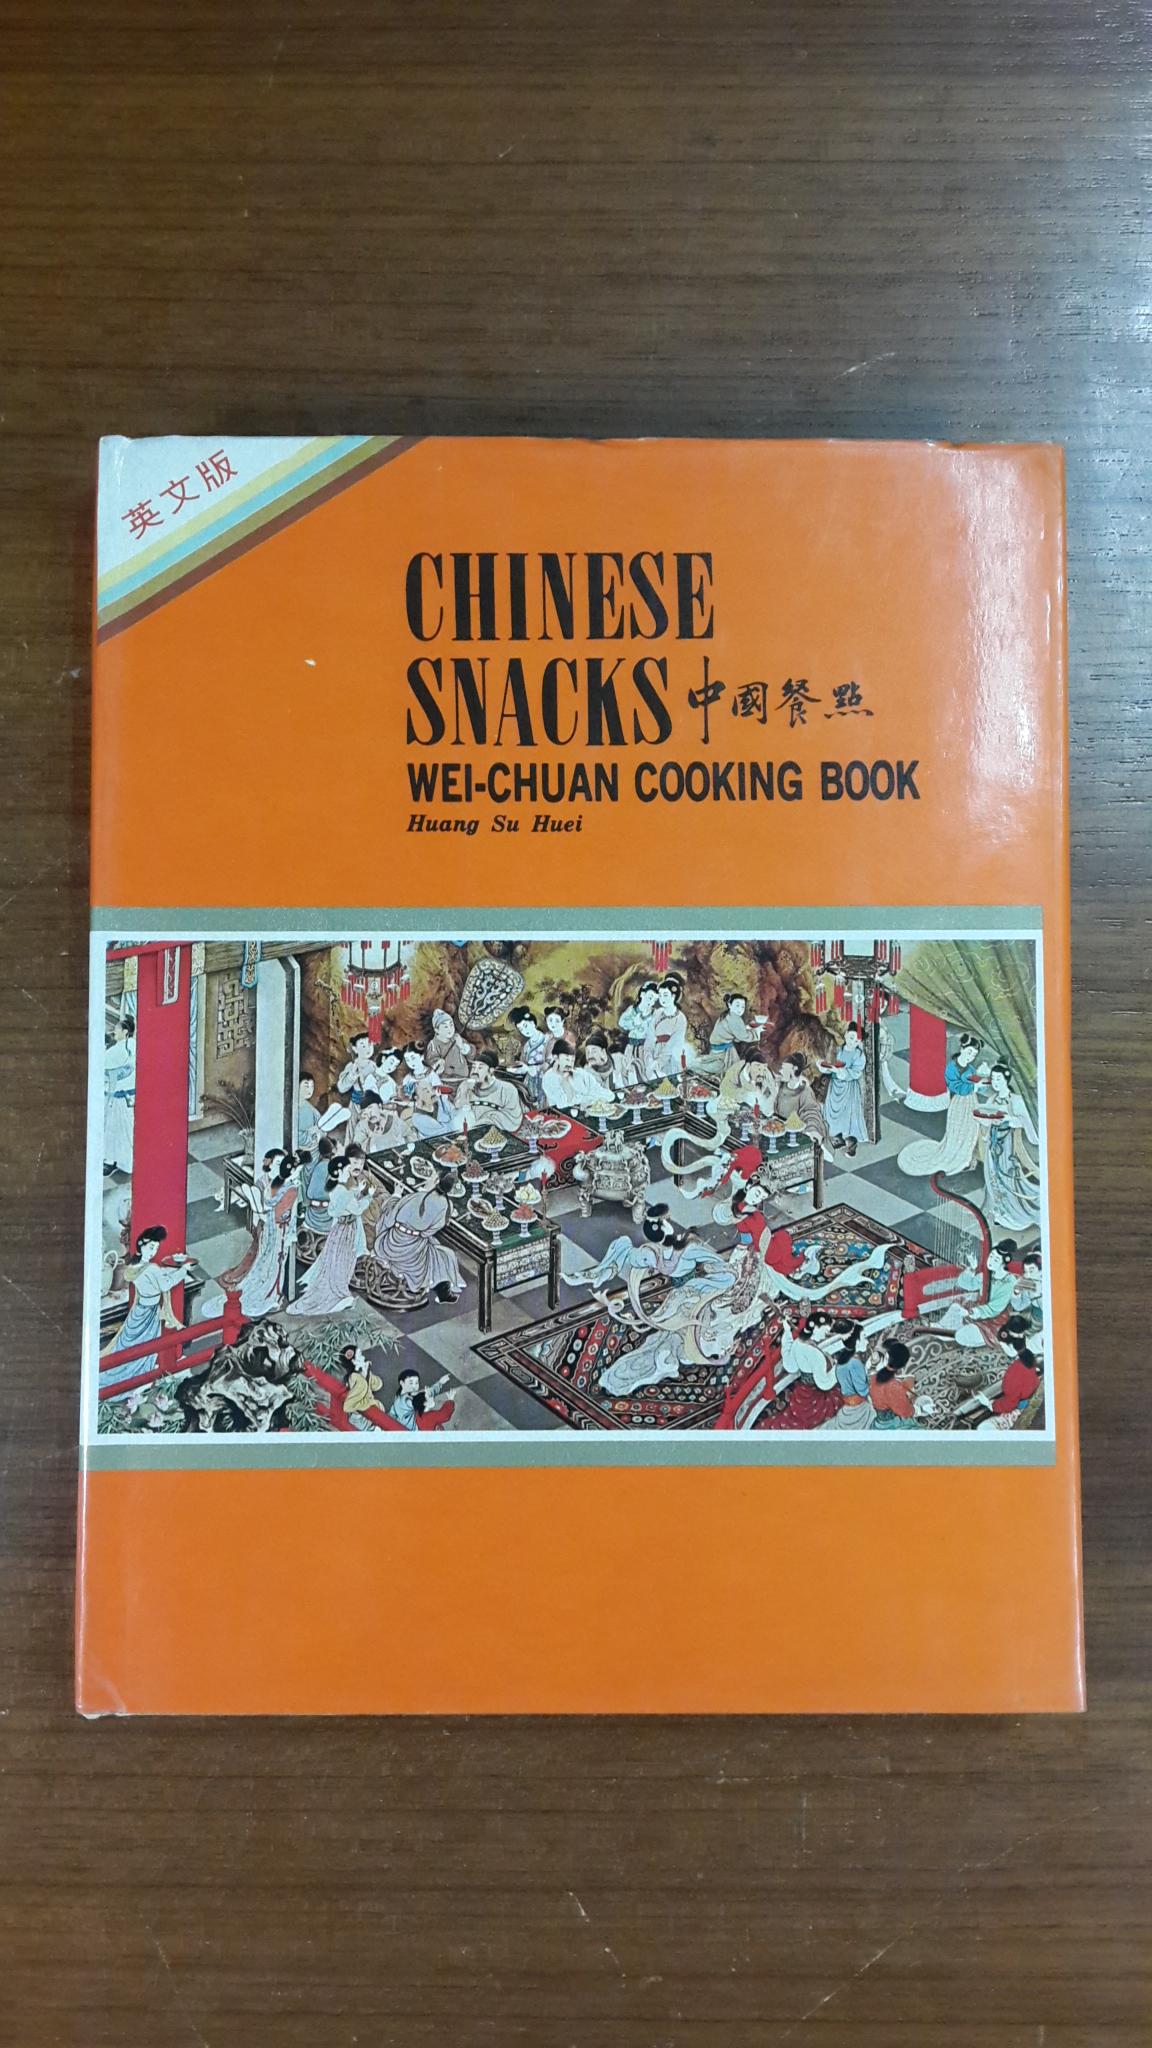 CHINESE SNACKS : WEI - CHUAN COOKING BOOK / Huang Su Huei